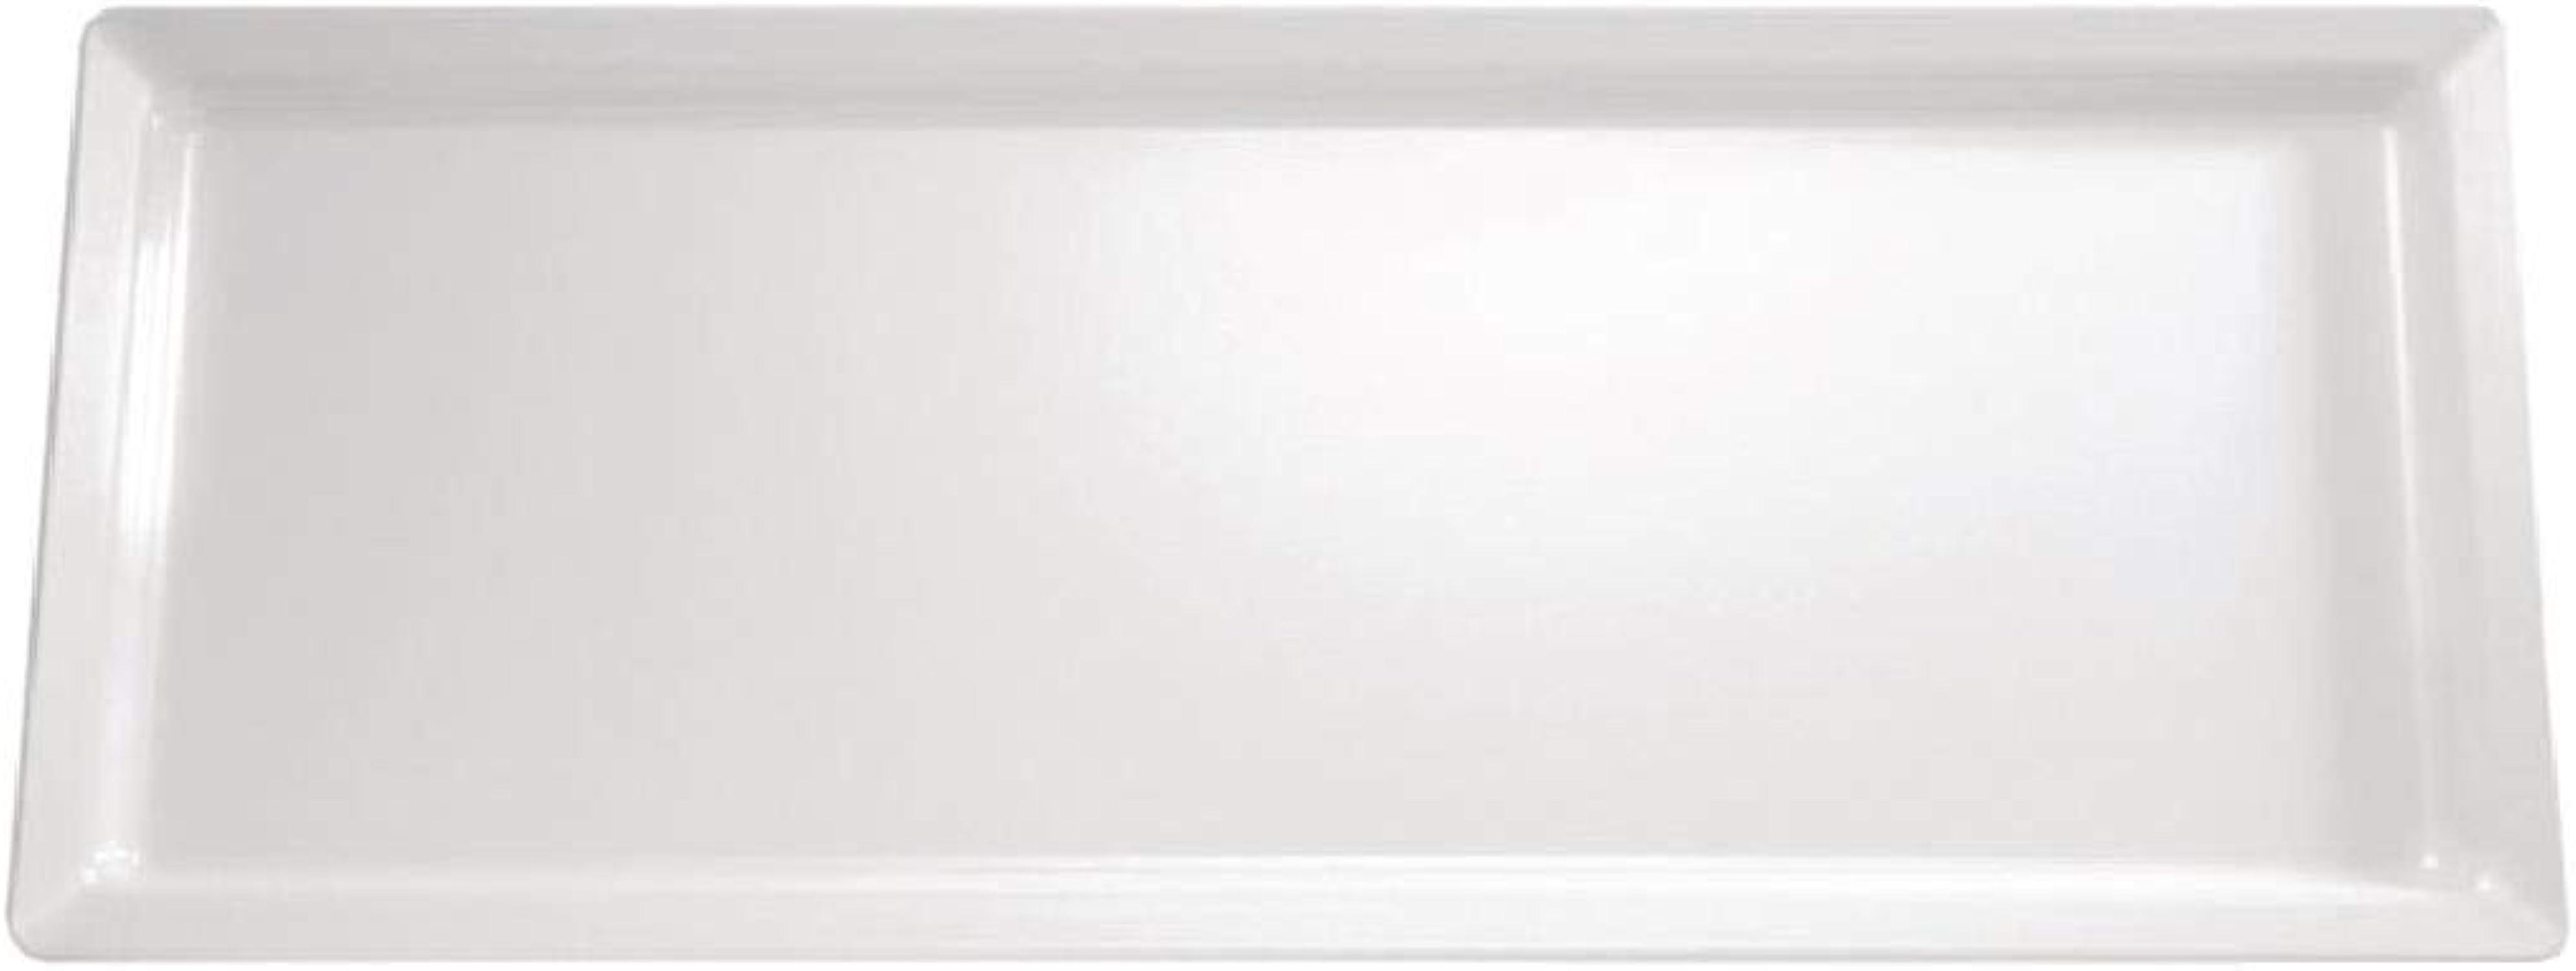 Gf130APS pur Mélamine Plateau Rectangulaire, 650mm, blanc